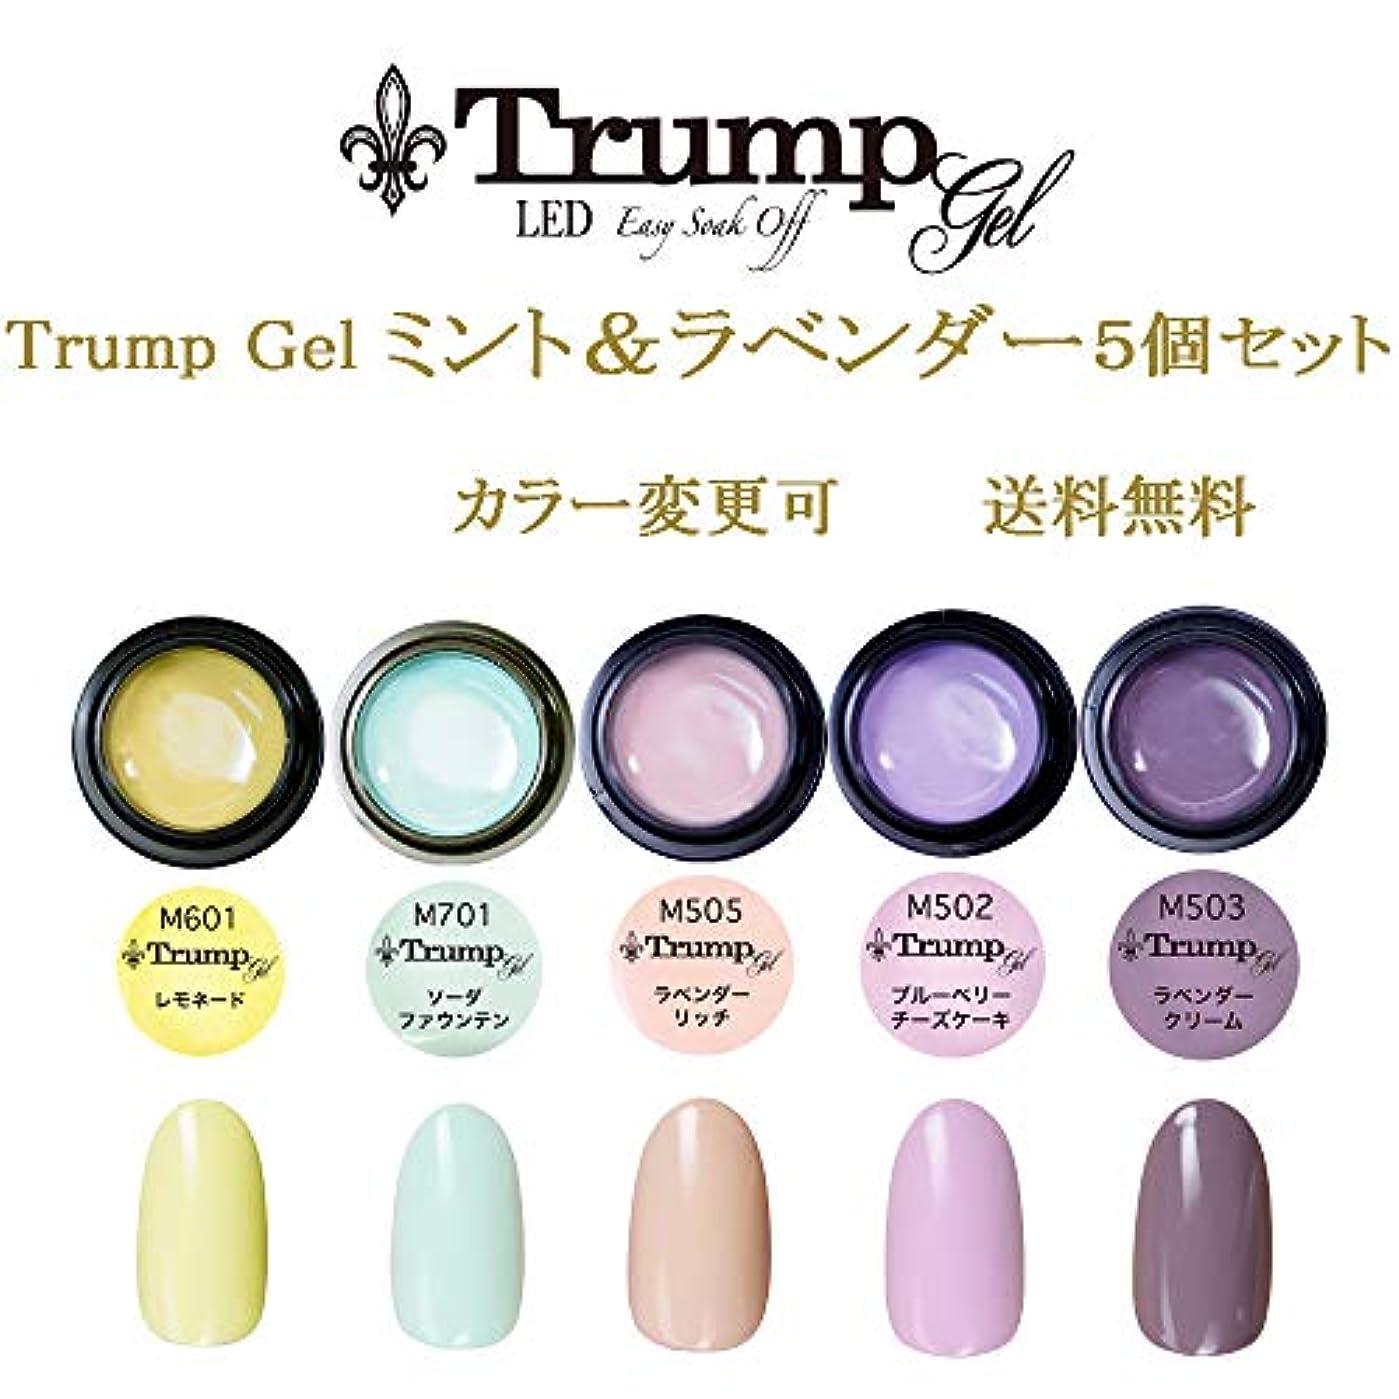 致死患者想定する【送料無料】日本製 Trump gel トランプジェル ミント&ラベンダー 選べる カラージェル 5個セット ラベンダー ベージュ ミントカラー